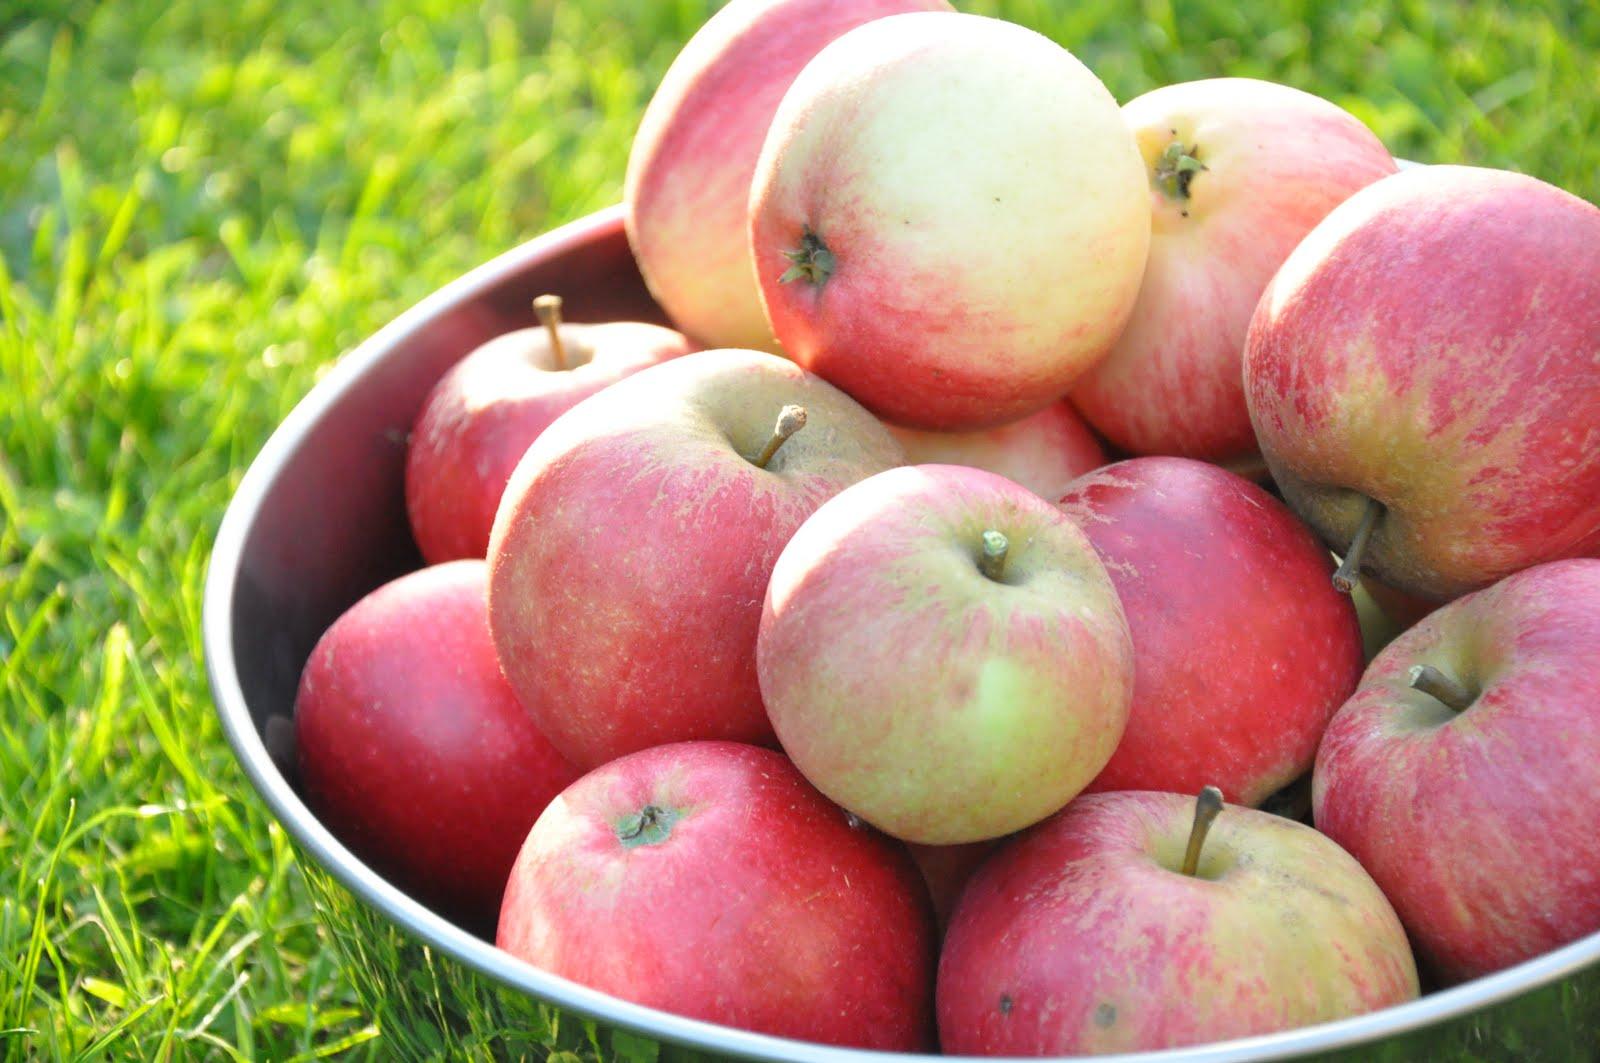 сорта яблок для беларуси в картинках девчонка